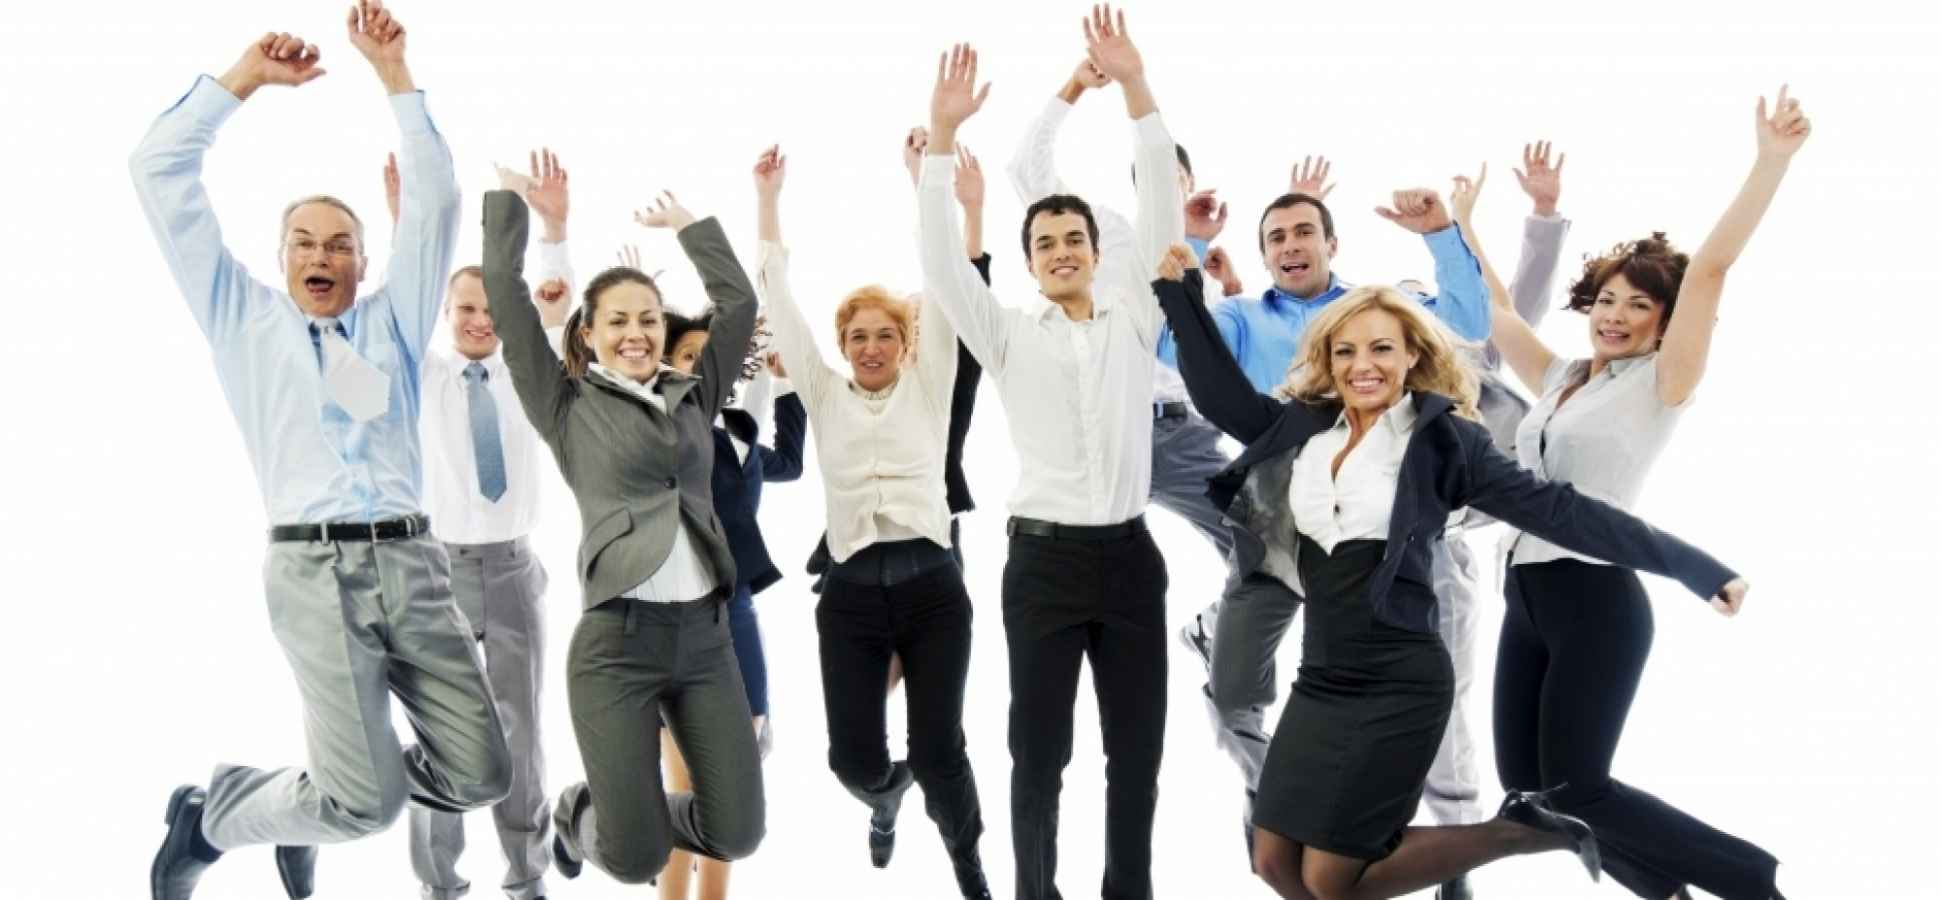 7 Habits of Happy Employees